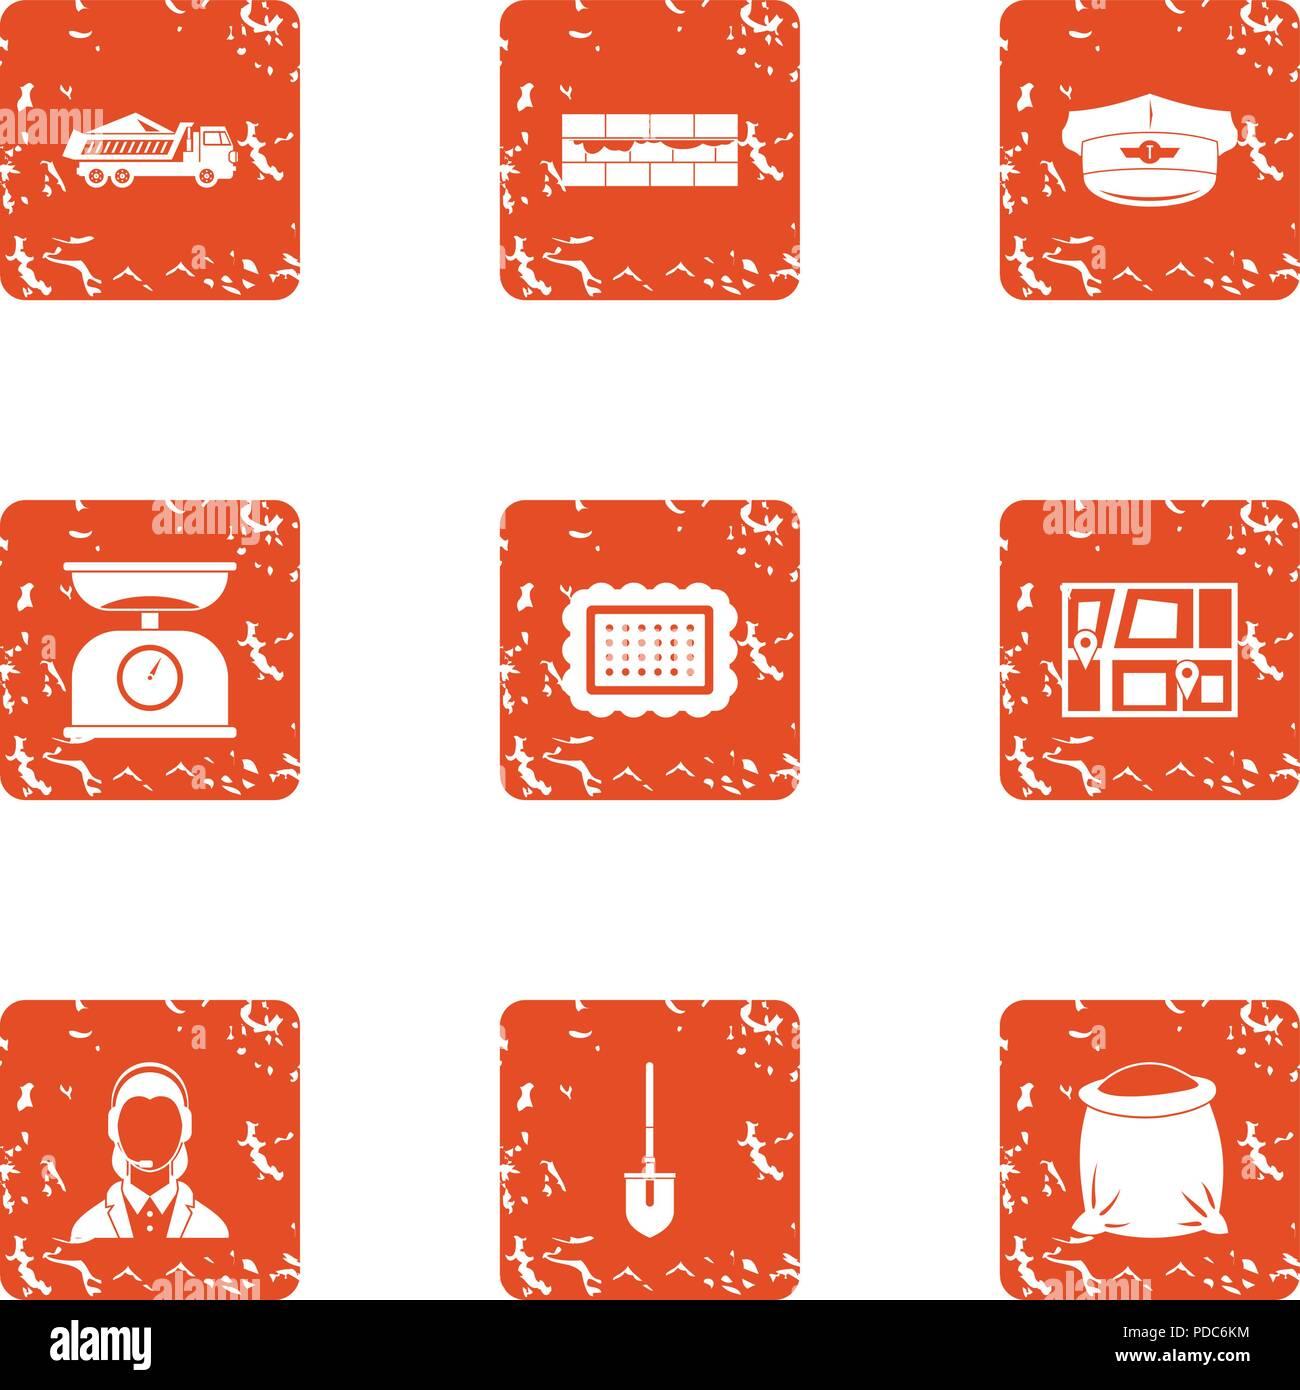 Online positioning icons set, grunge style - Stock Image